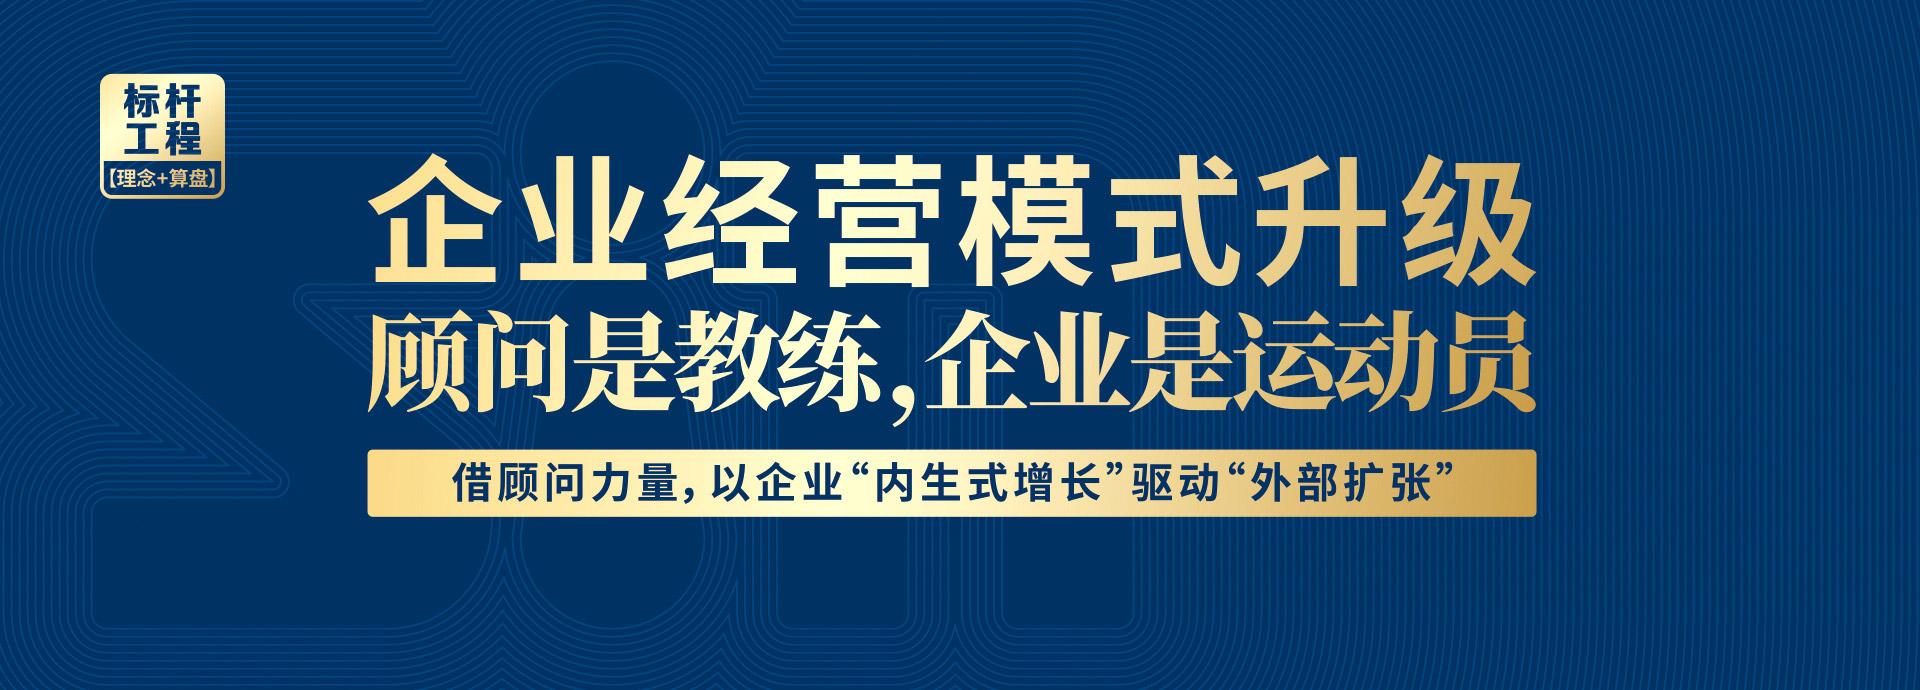 道成咨询-咨询项目-赋能式咨询banner